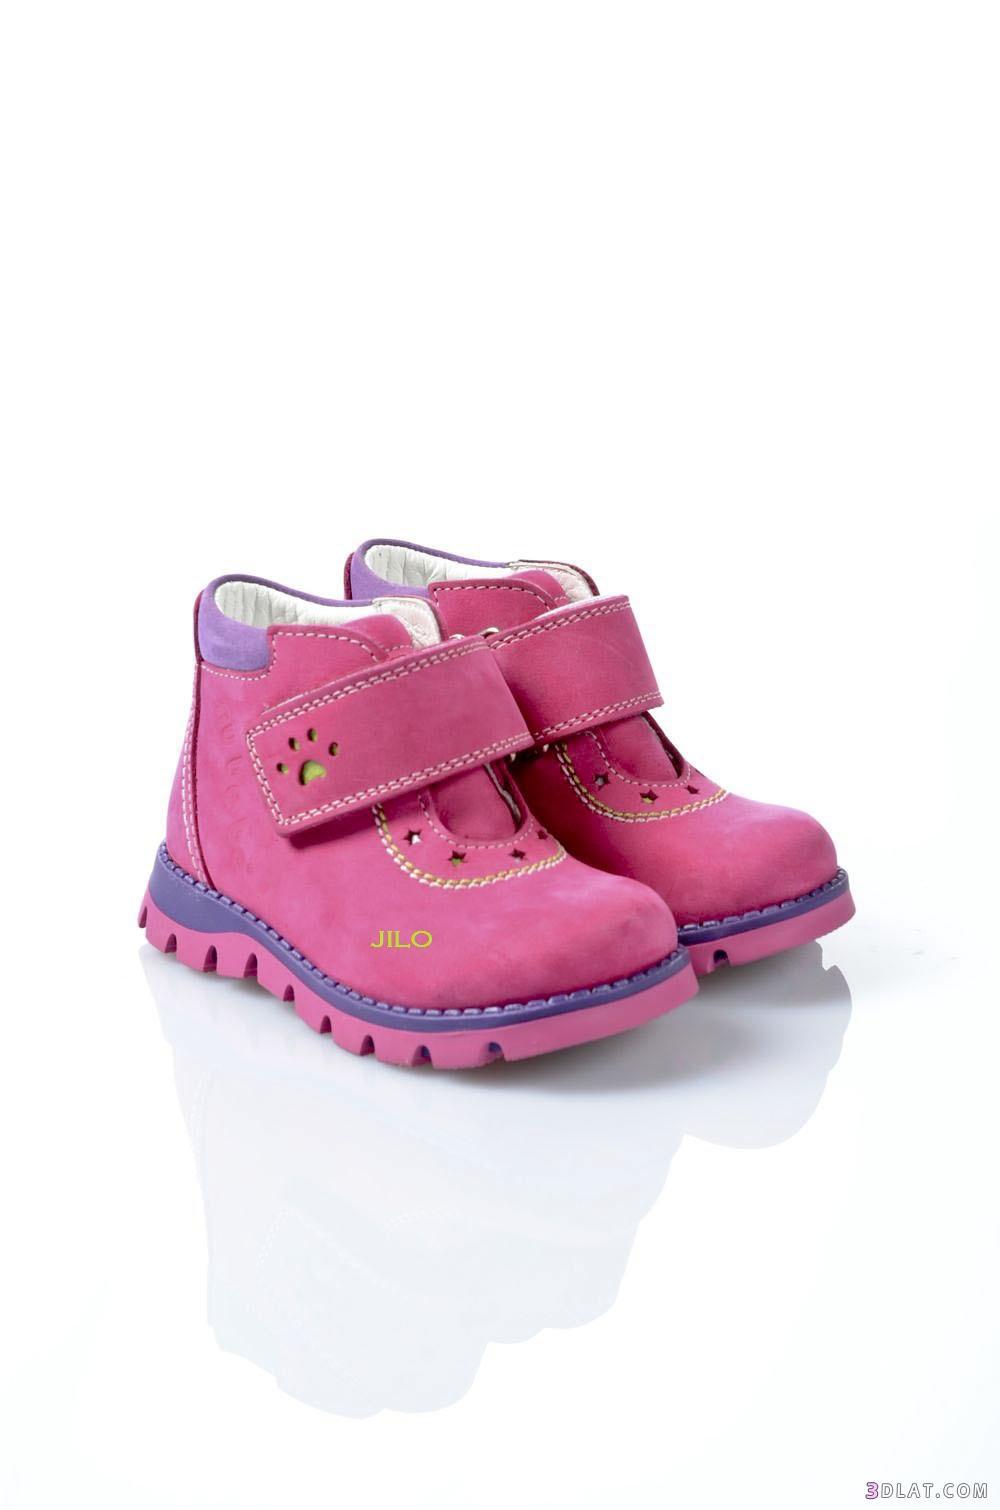 صور احذية اطفال بنات , اجمل احذية خاصة بالبنات